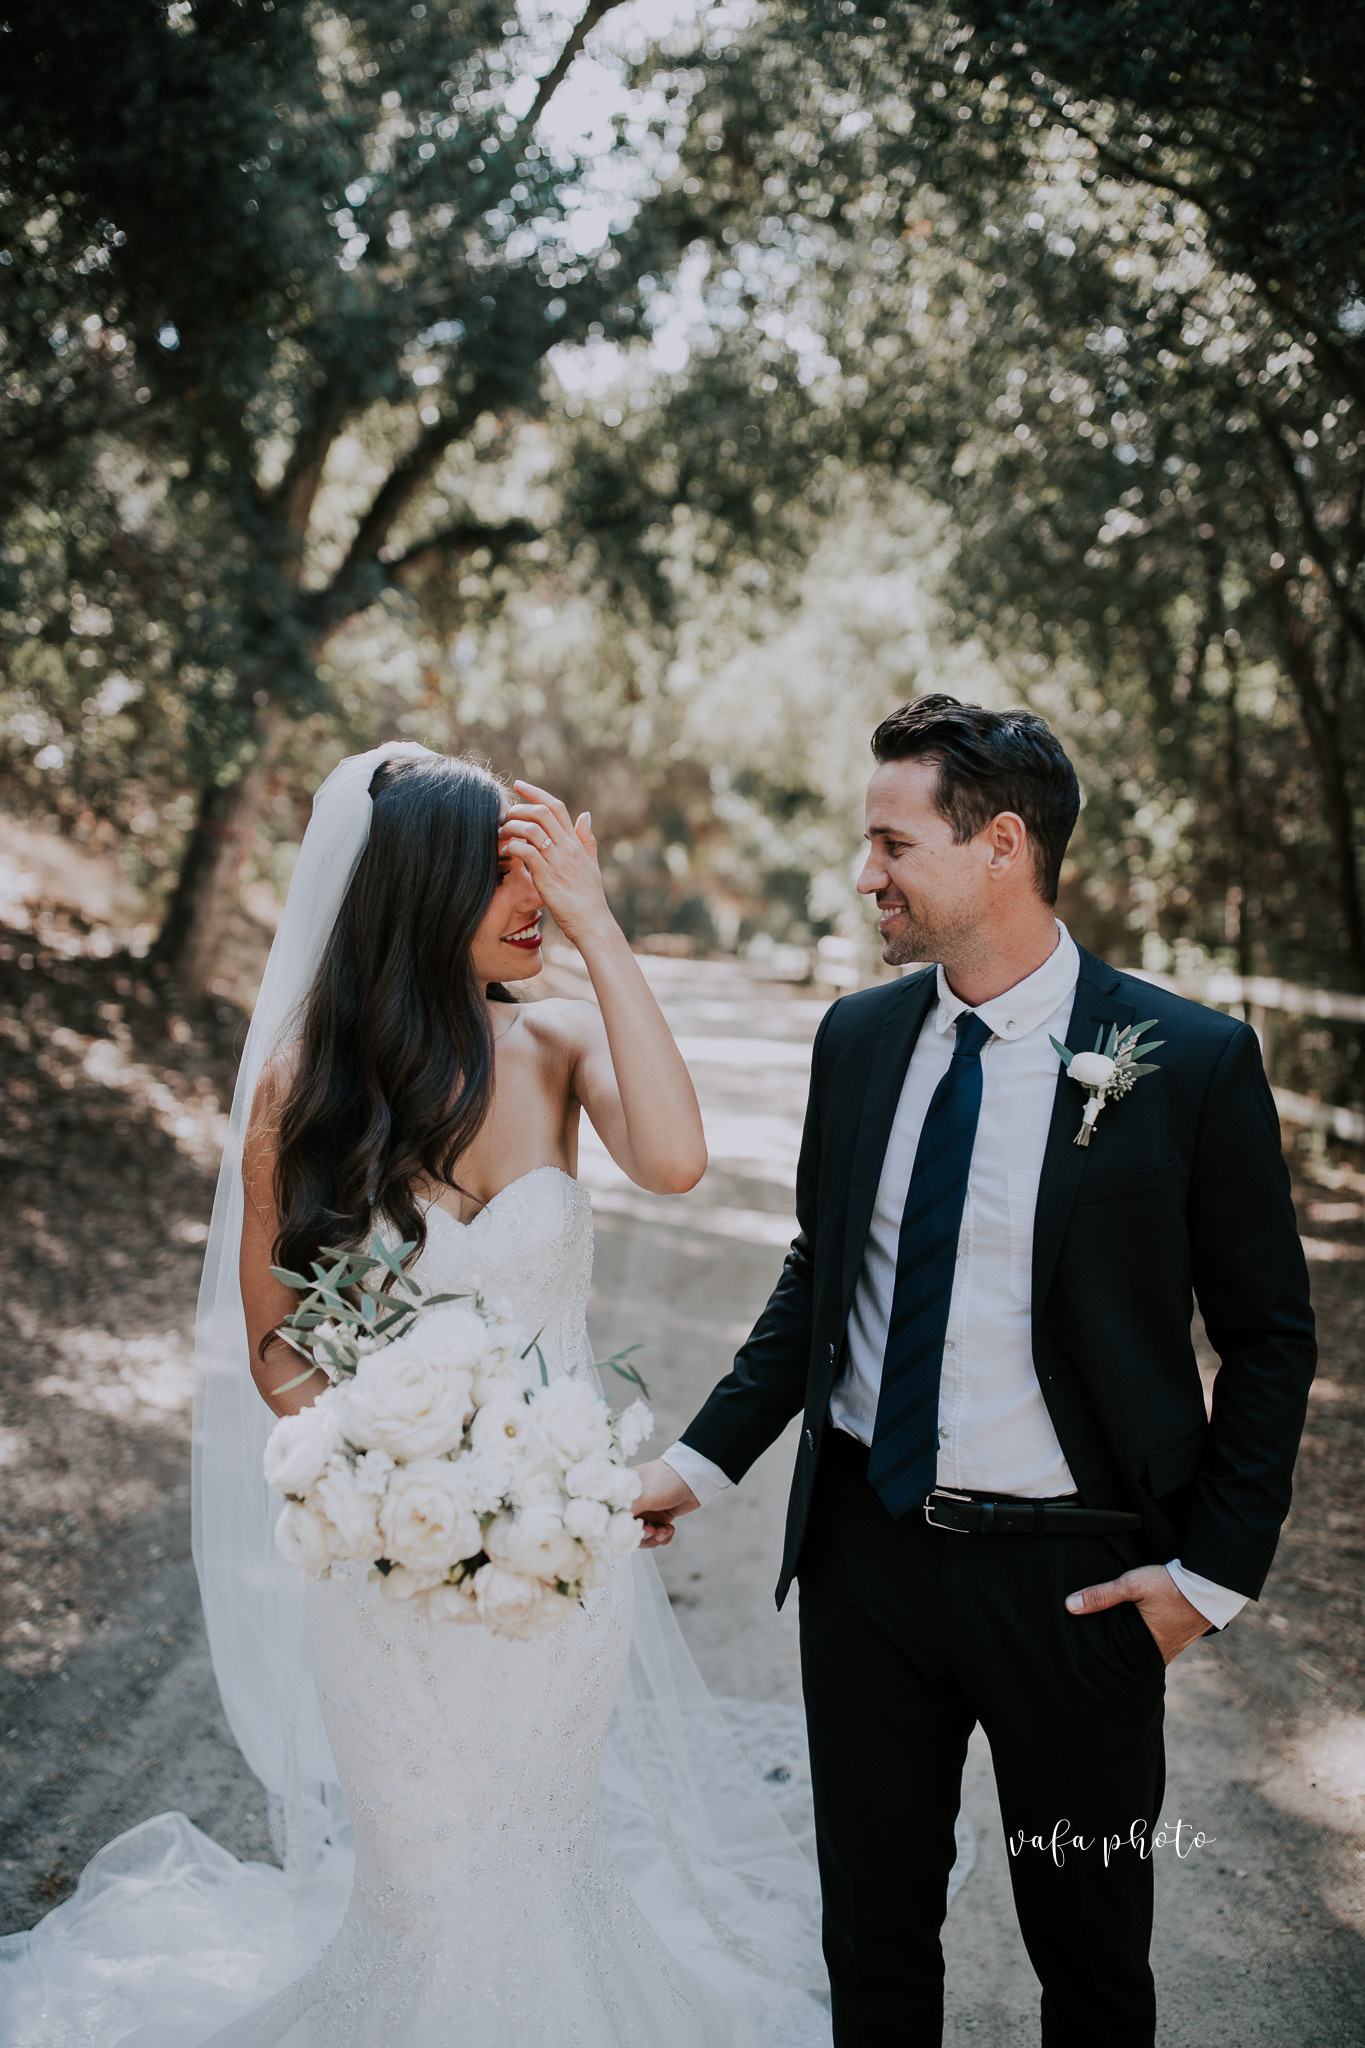 Southern-California-Wedding-Britt-Nilsson-Jeremy-Byrne-Vafa-Photo-248.jpg